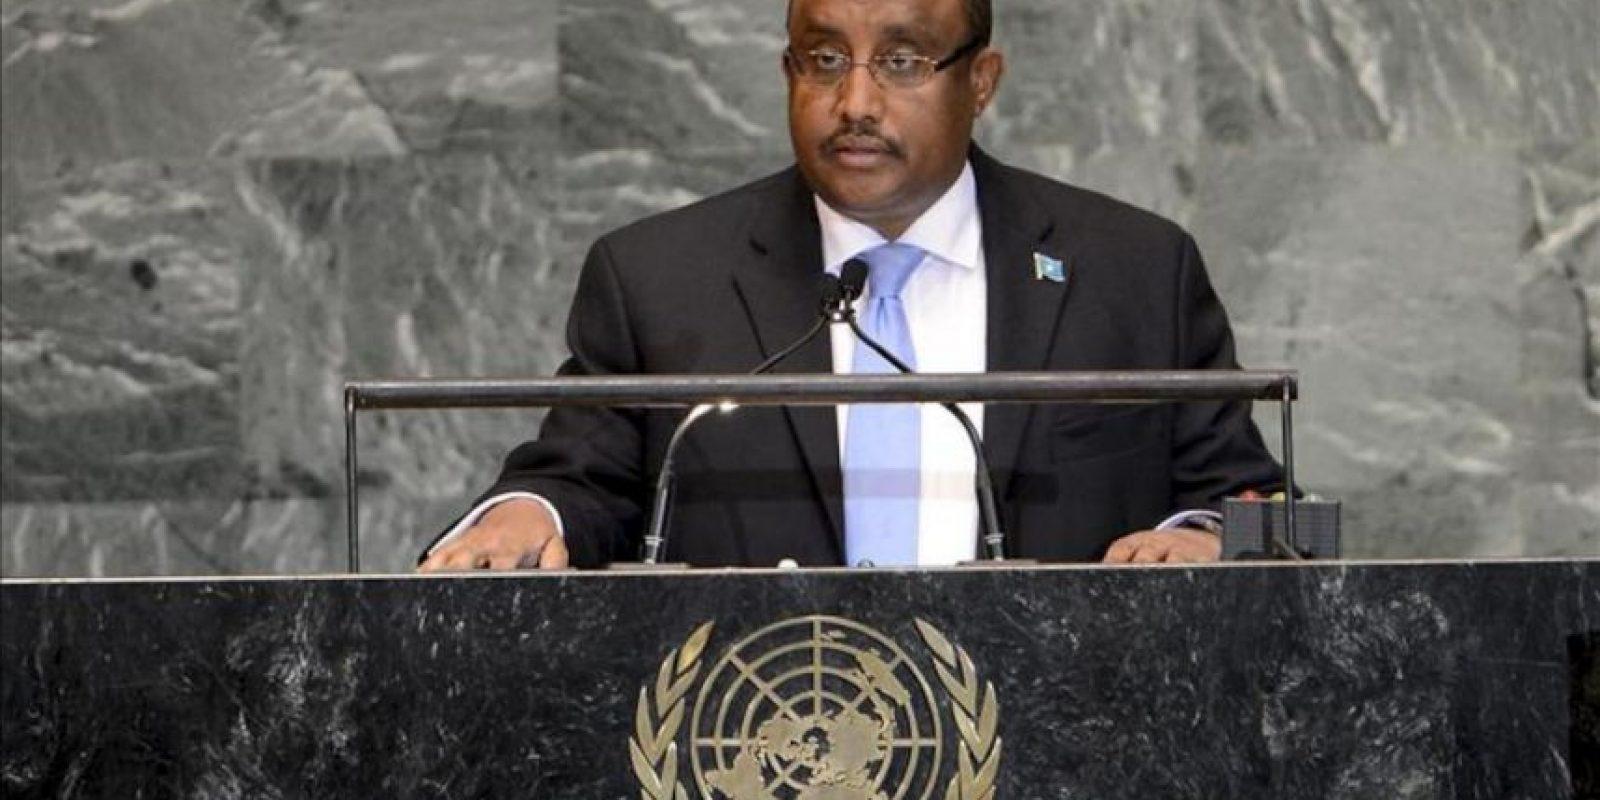 El primer ministro del Gobierno Federal de Transición de Somalia, Abdiweli Mohamed Ali,pronuncia un discurso durante la 67 Asamblea General de las Naciones Unidas en la sede del organismo en Nueva York. EFE